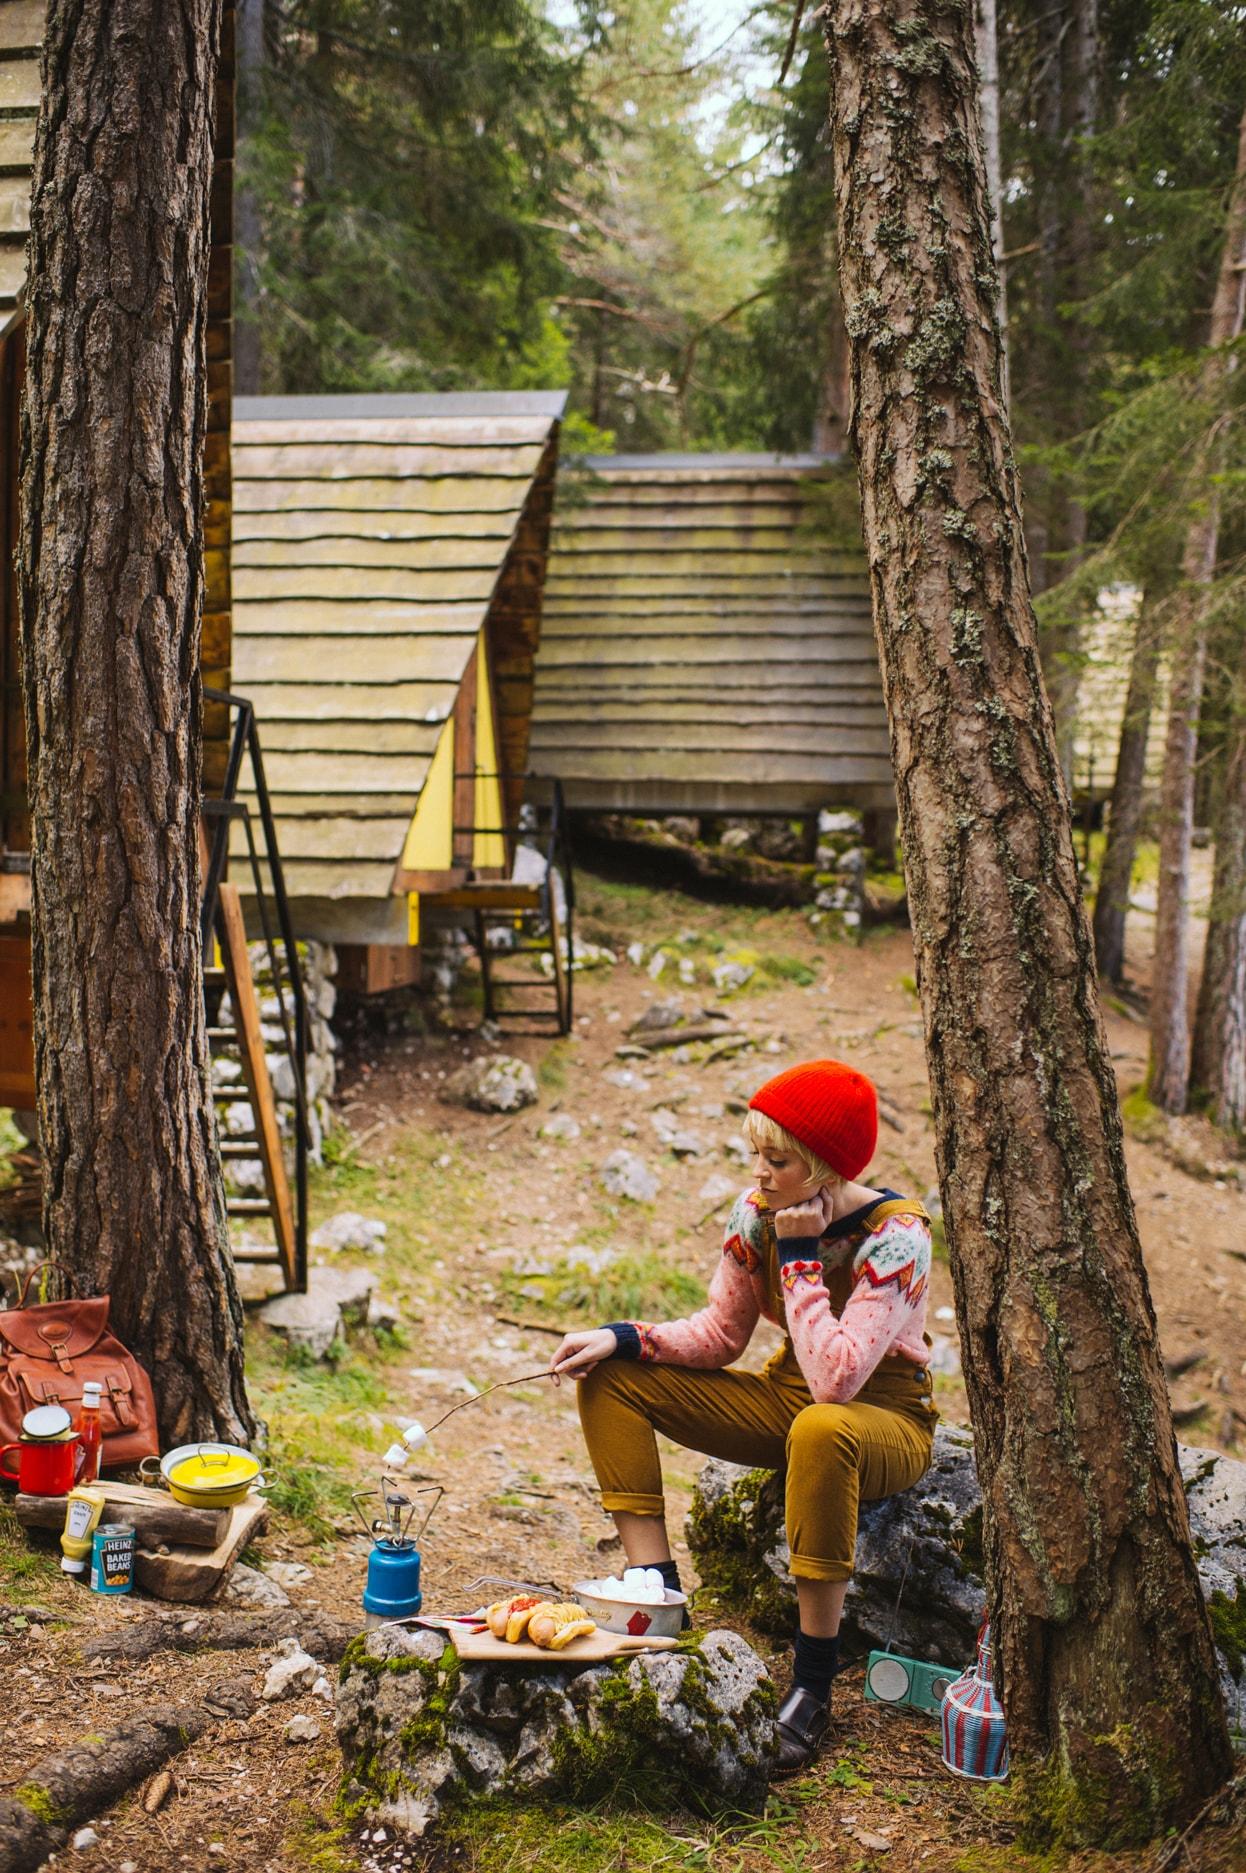 lazzari catalogo autunno inverno 2014 2015